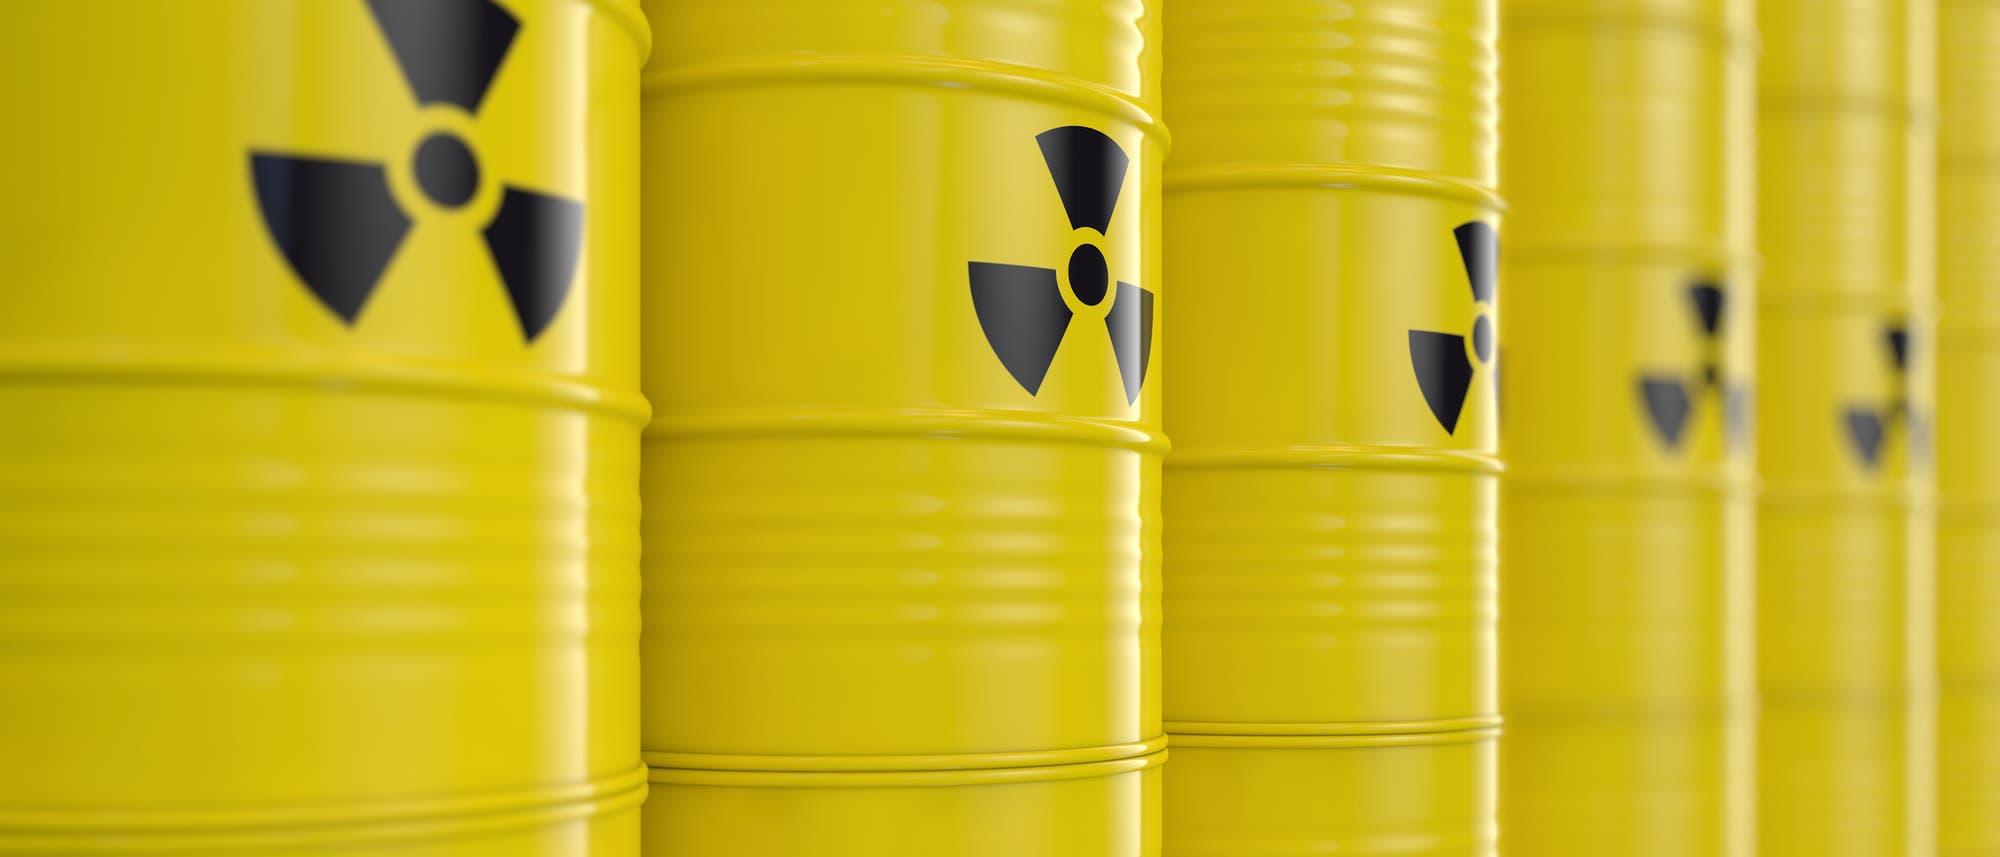 Fässer mit radioaktivem Inhalt